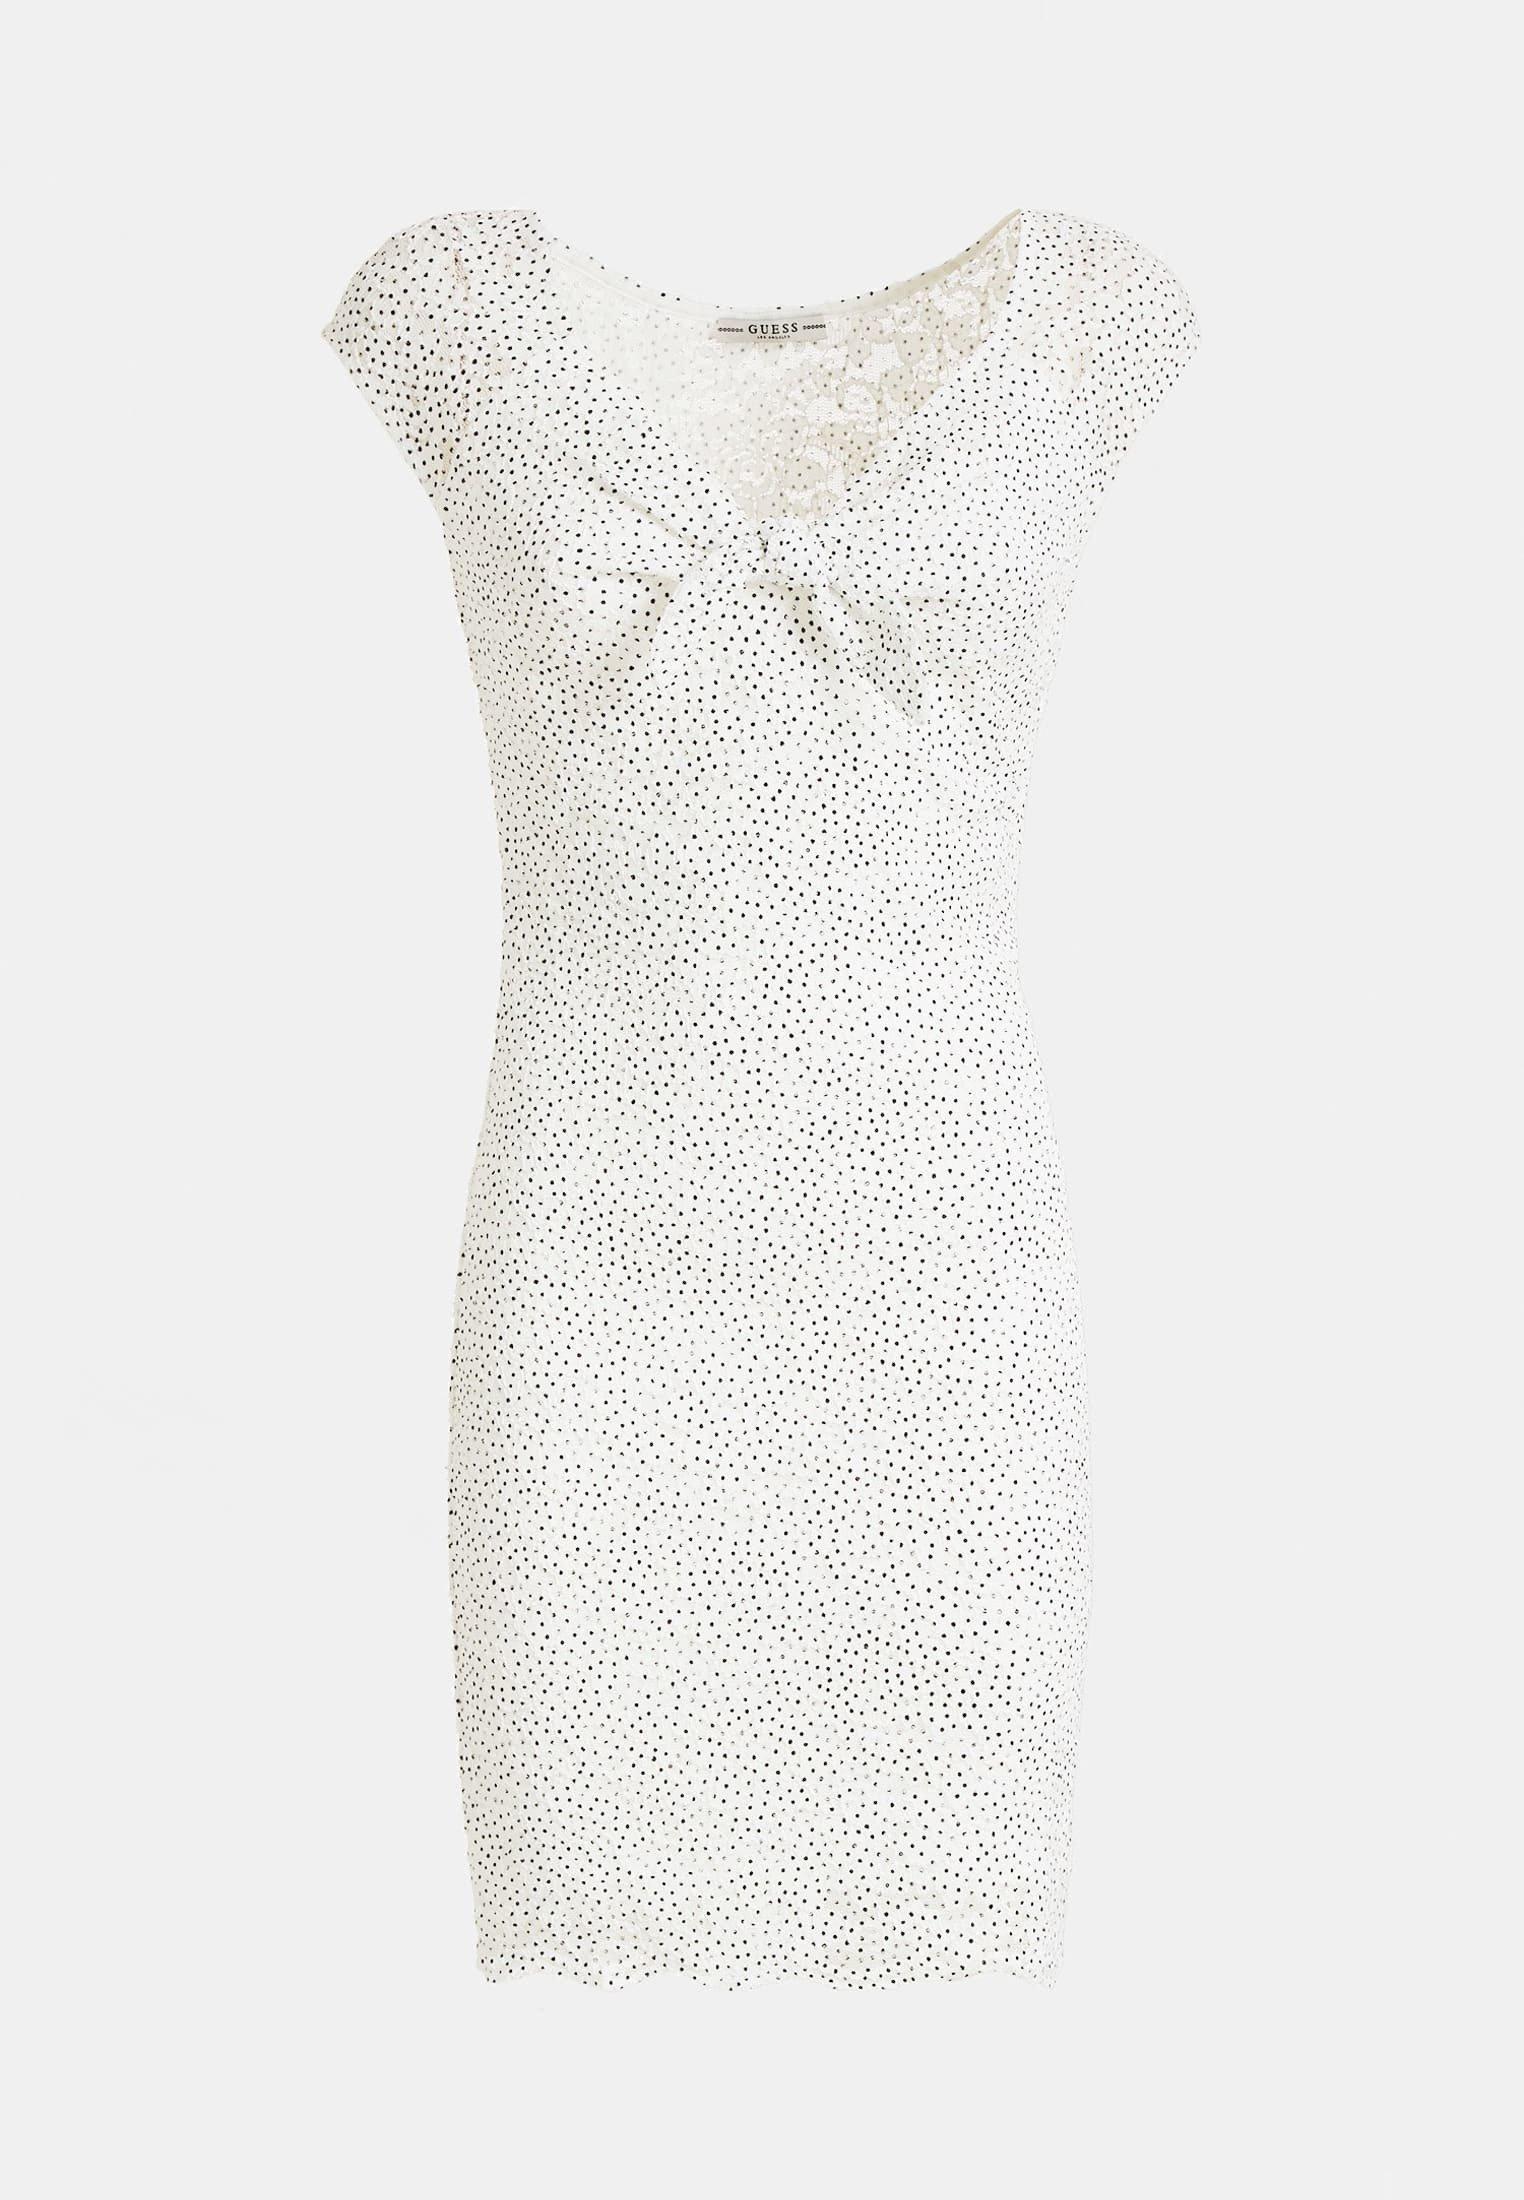 Guess Kleid Mit Punkte-print - Etuikleid Weiß Black Friday